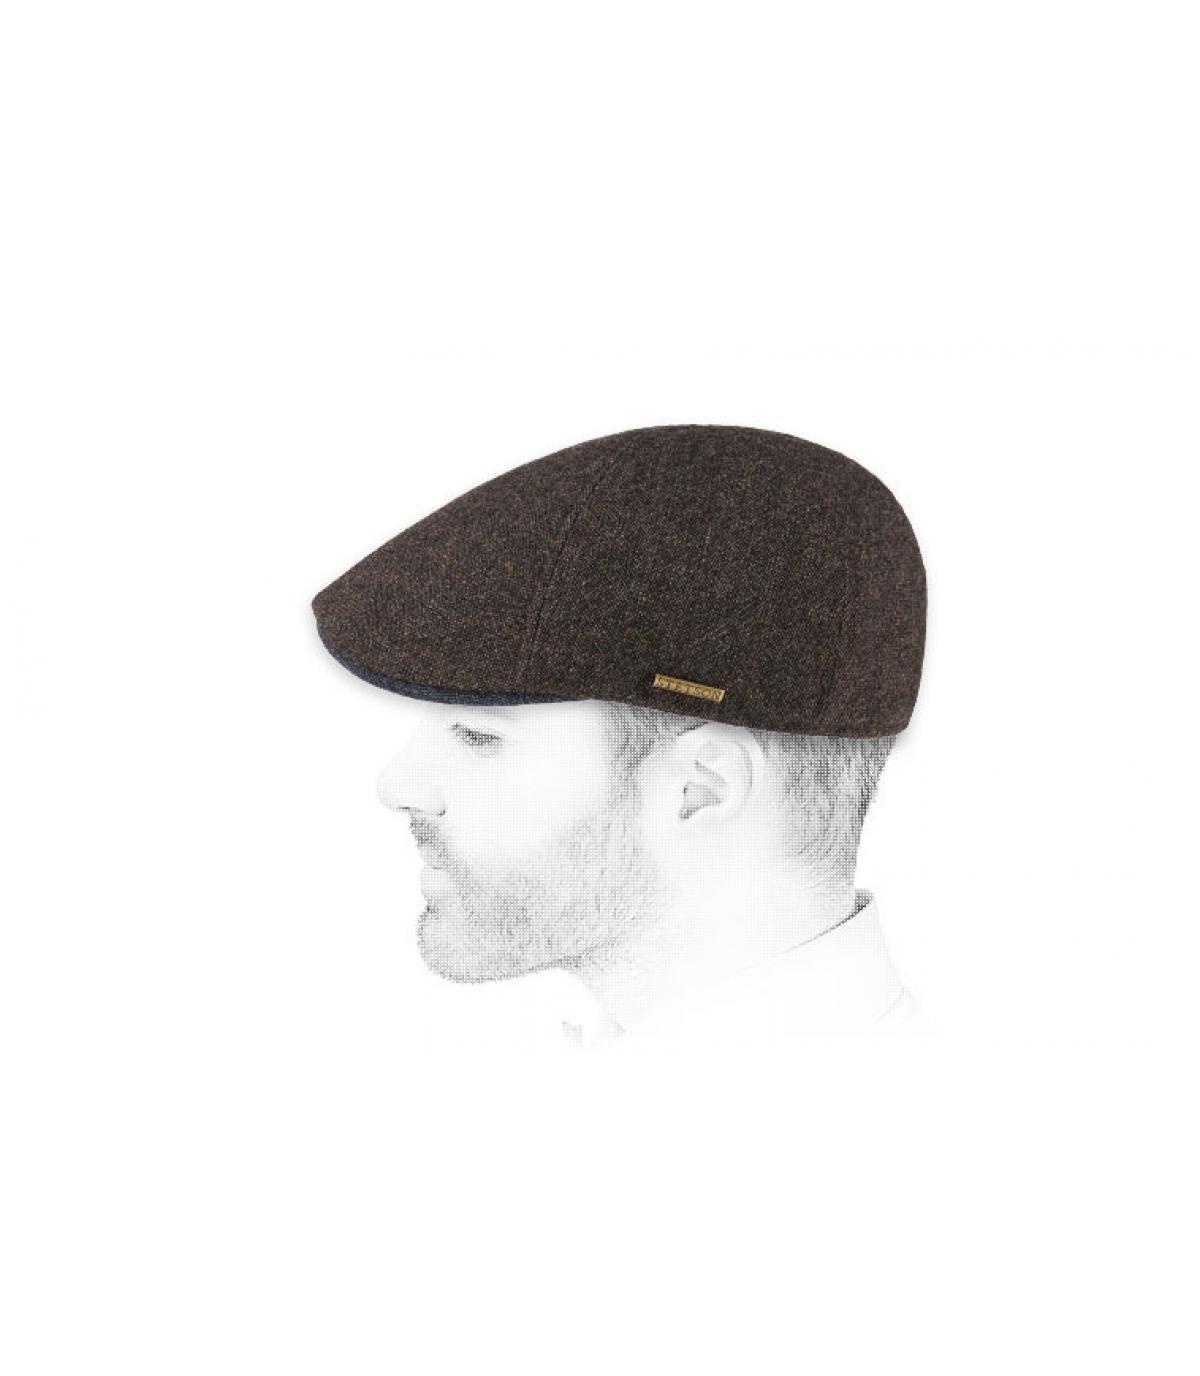 casquette duckbill marron laine